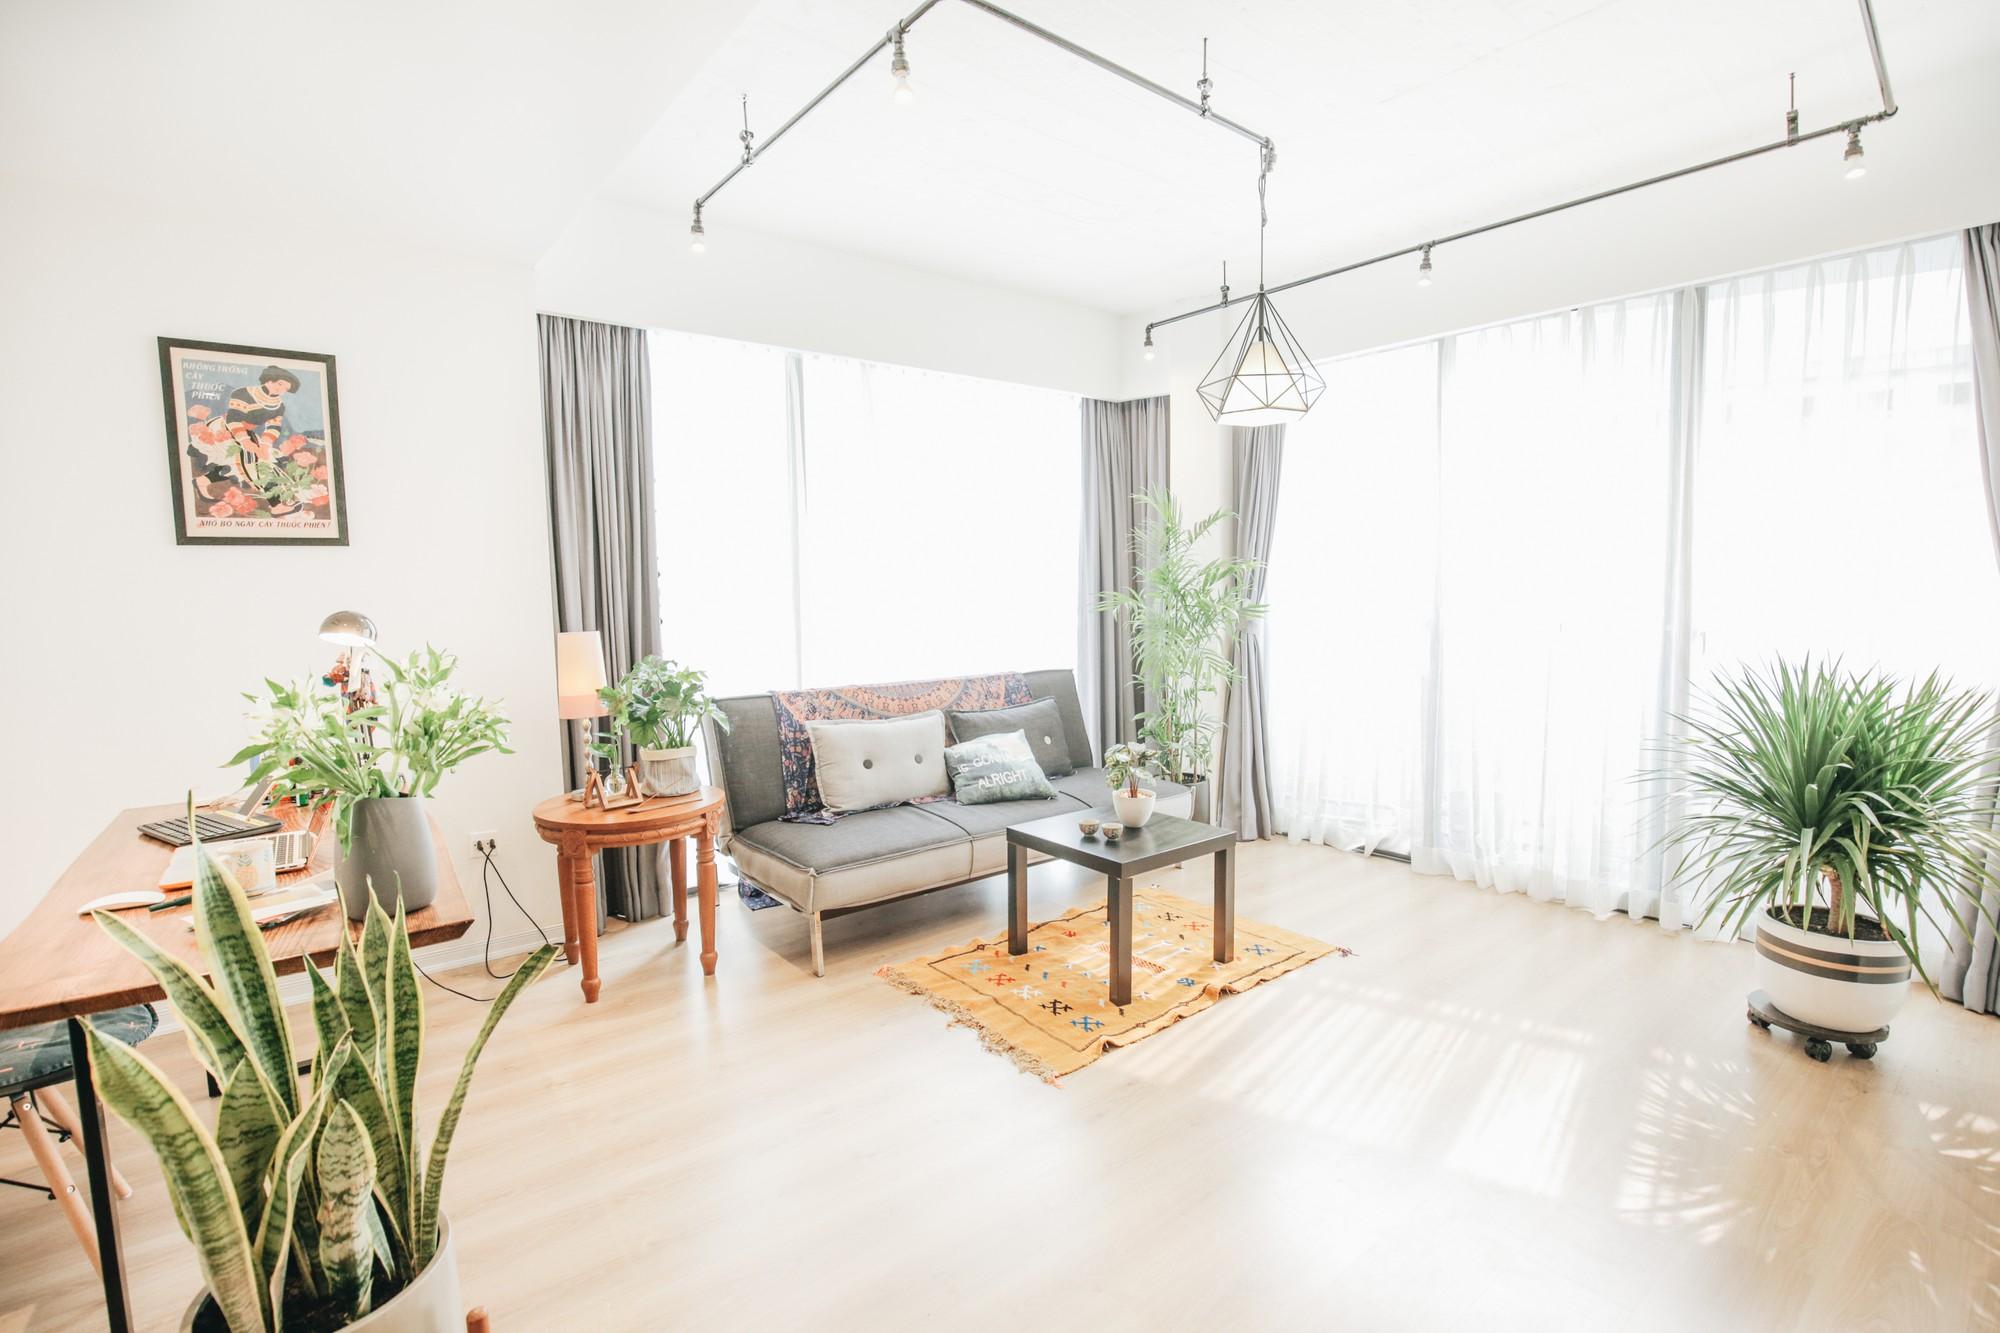 Cây xanh - cách làm mới không gian sống nhanh, rẻ, dễ ứng dụng để đón hè vào nhà - Ảnh 4.